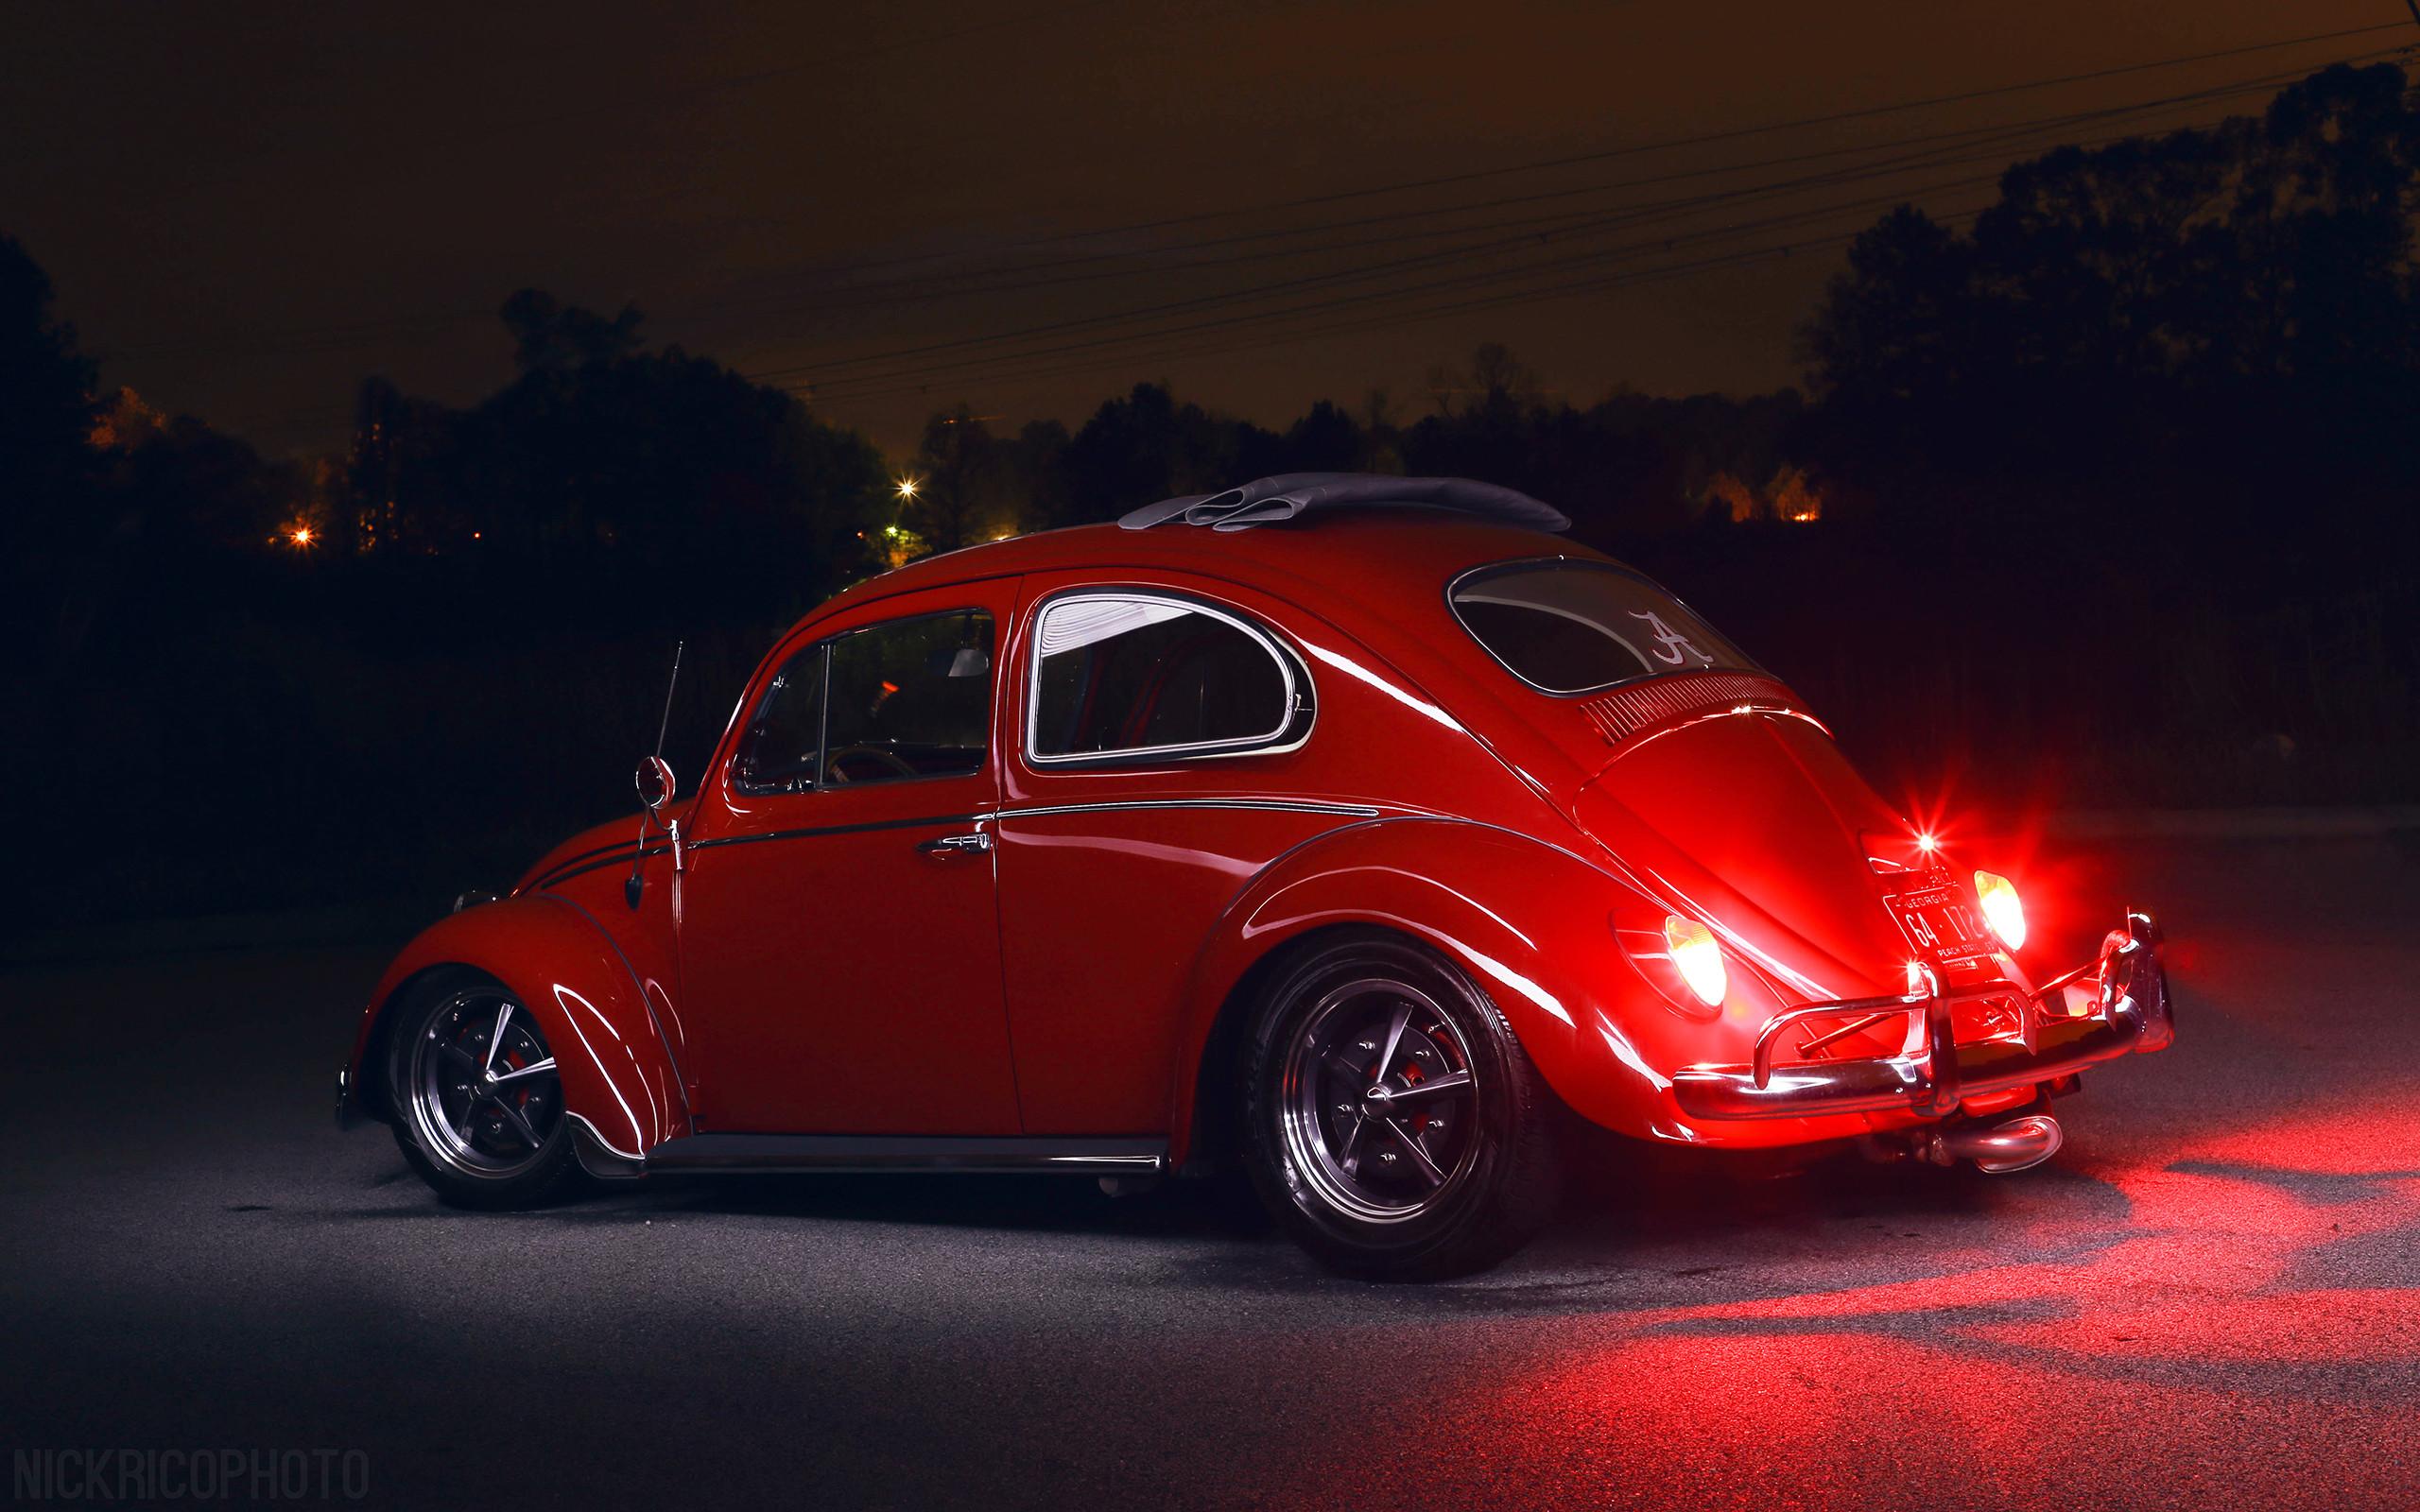 vw beetle wallpaper hd 72 images. Black Bedroom Furniture Sets. Home Design Ideas